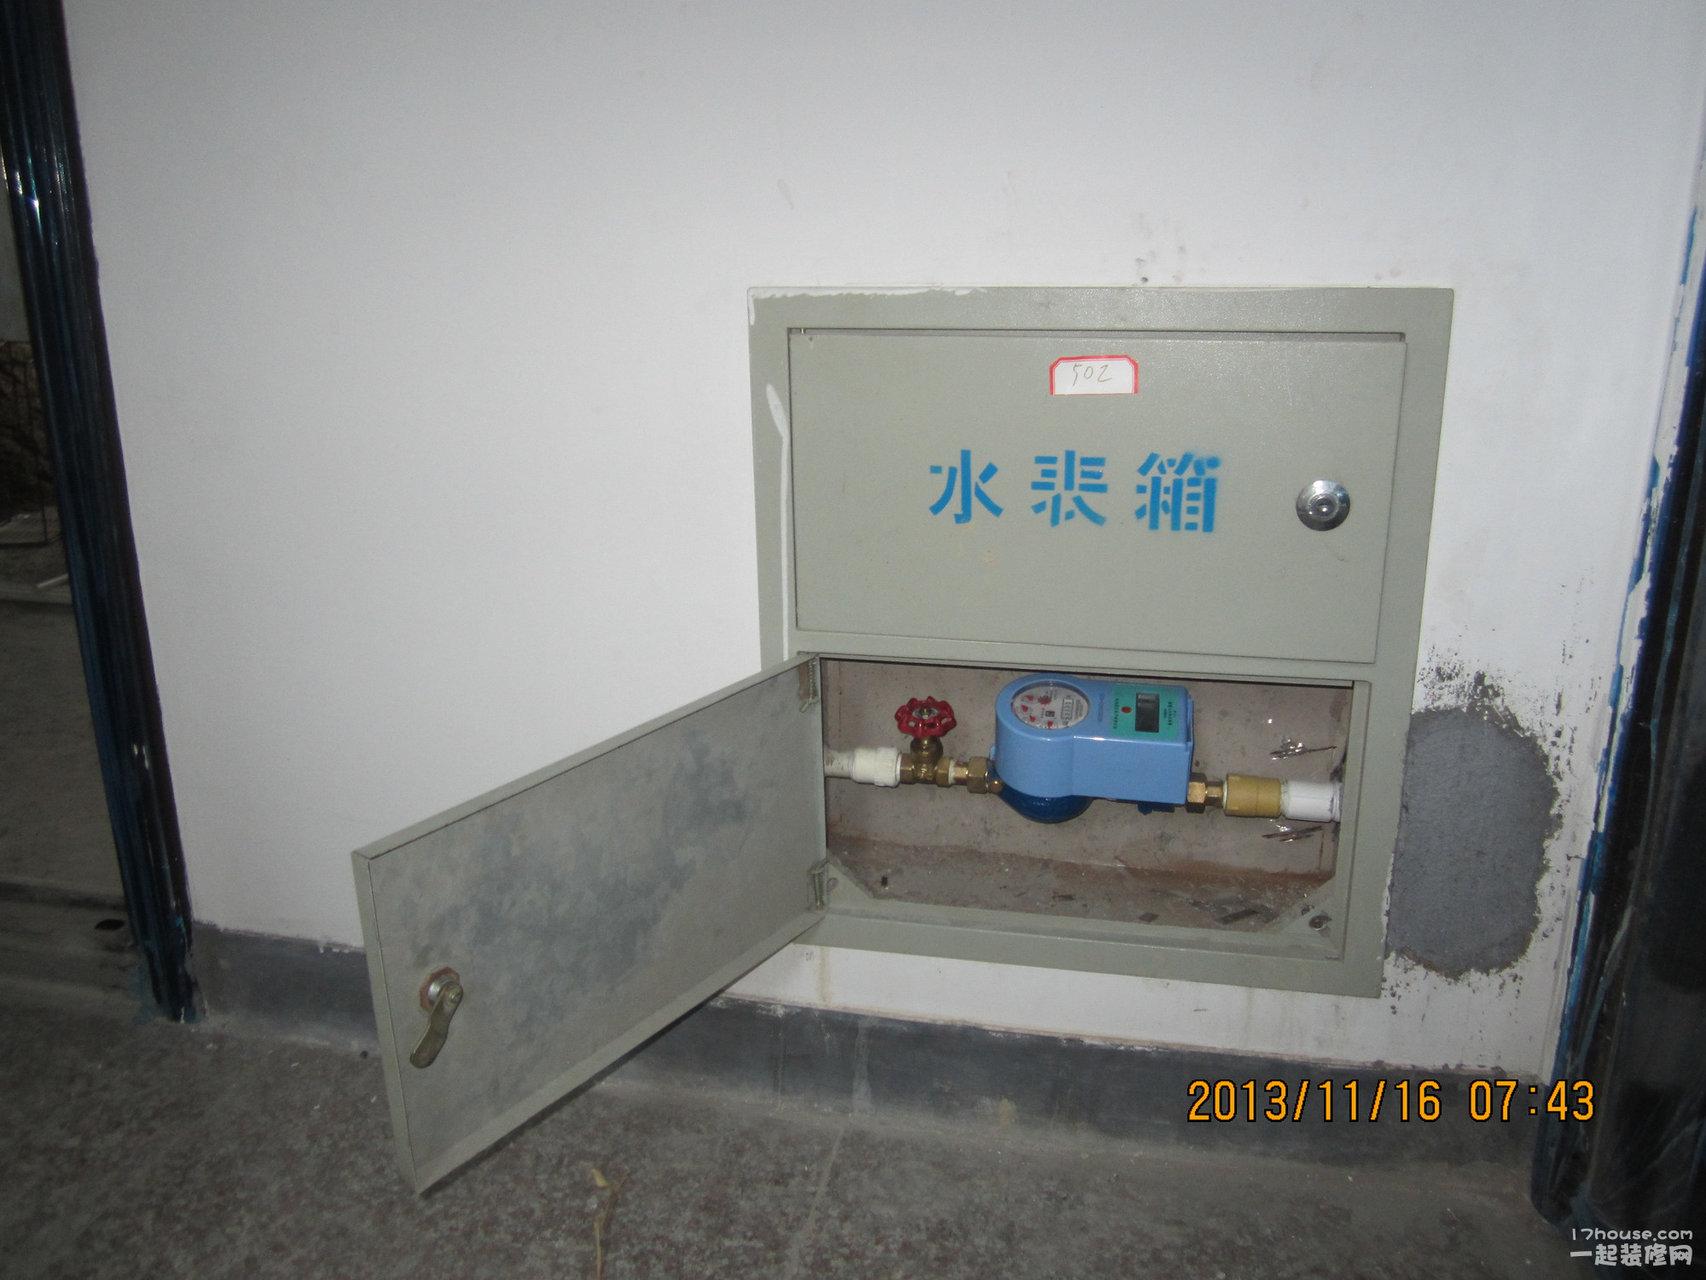 安装止回阀 水表在不用时,指针如有间歇性小转动,是由于管道中的水压图片